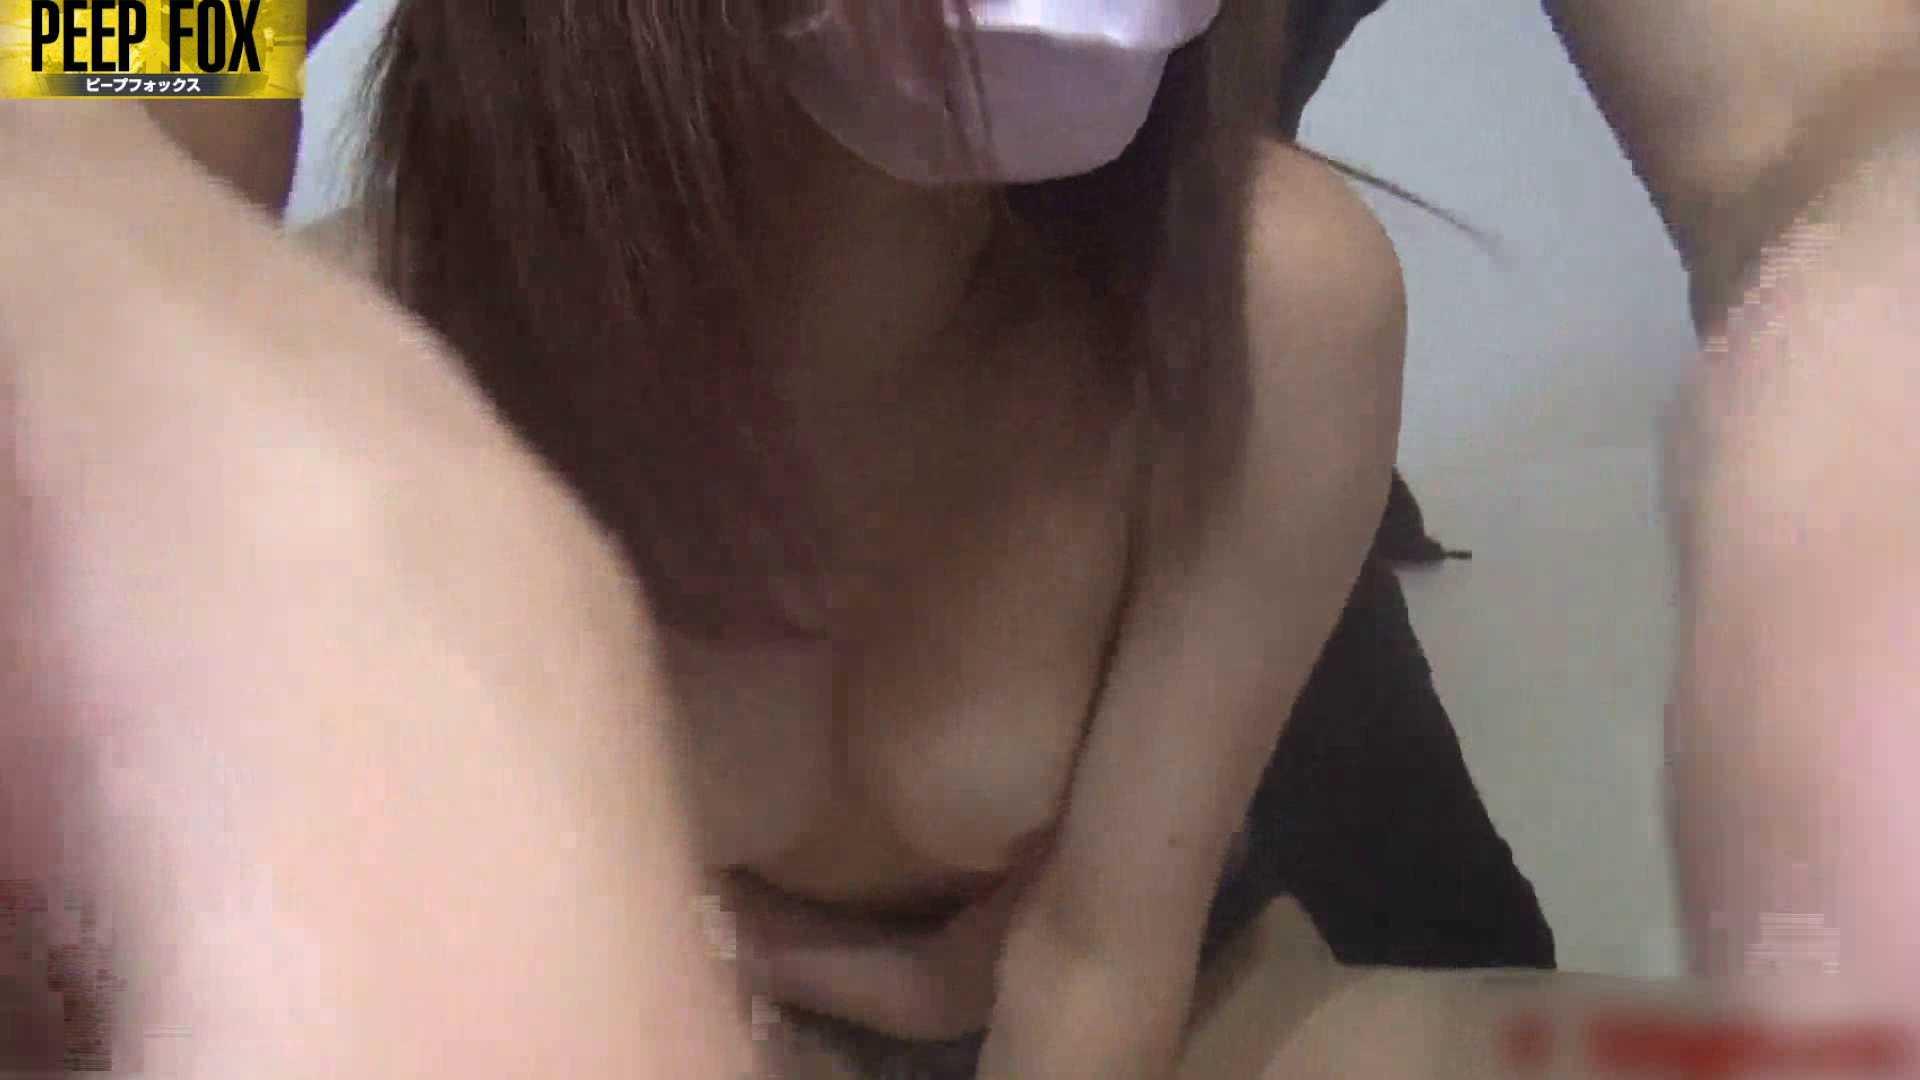 完全素人!!訳アリ娘のラブライフ♪vol.20前編 お嬢様 スケベ動画紹介 70連発 41